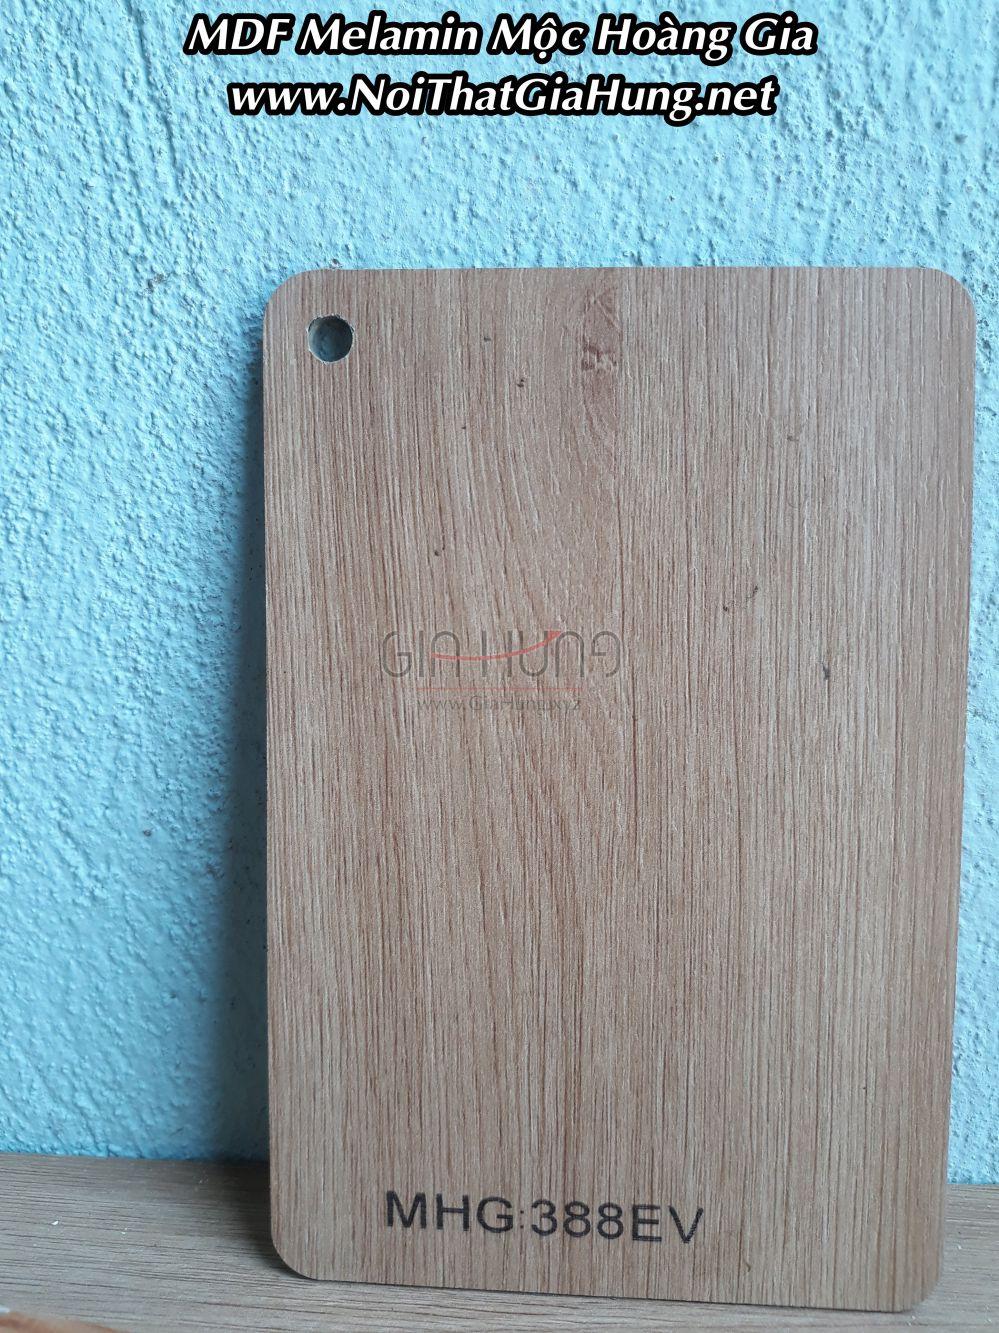 [Tài Nguyên] Bảng màu - vân gỗ Melamin phủ trên bề mặt MDF - thương hiệu Mộc Hoàng Gia - mã MHG